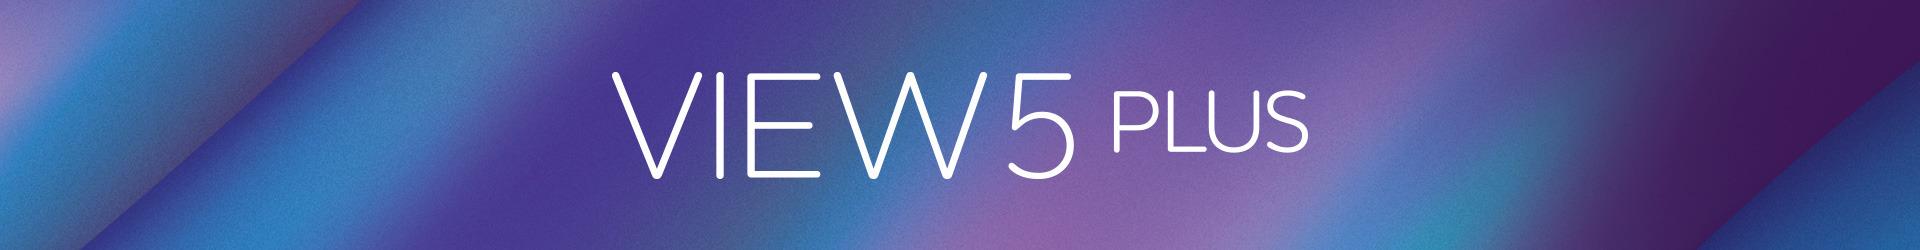 Wiko View5 Plus